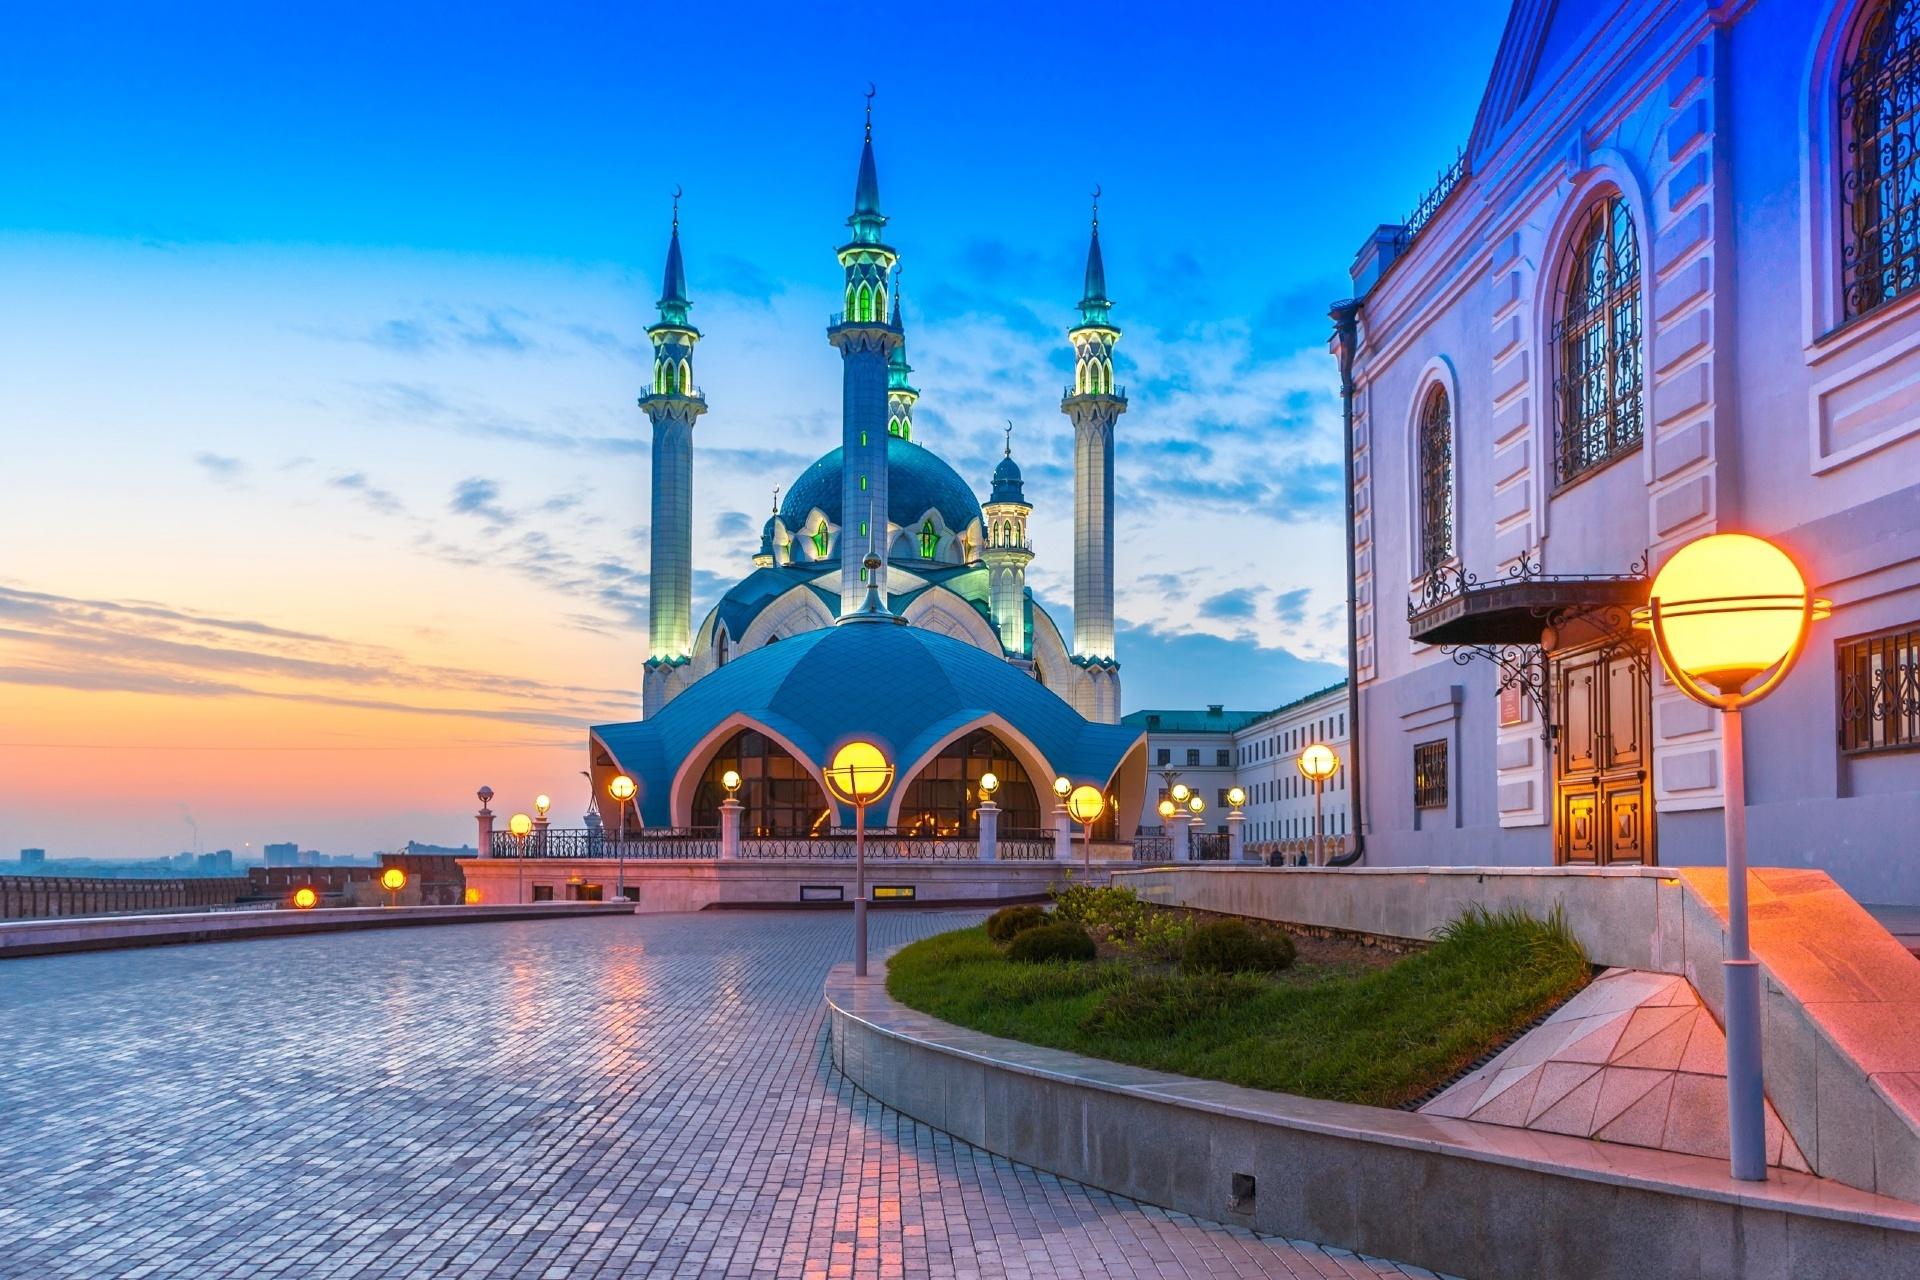 ロシア カザン メチェチ・クル・シャリフの夕暮れの風景 ロシアの風景